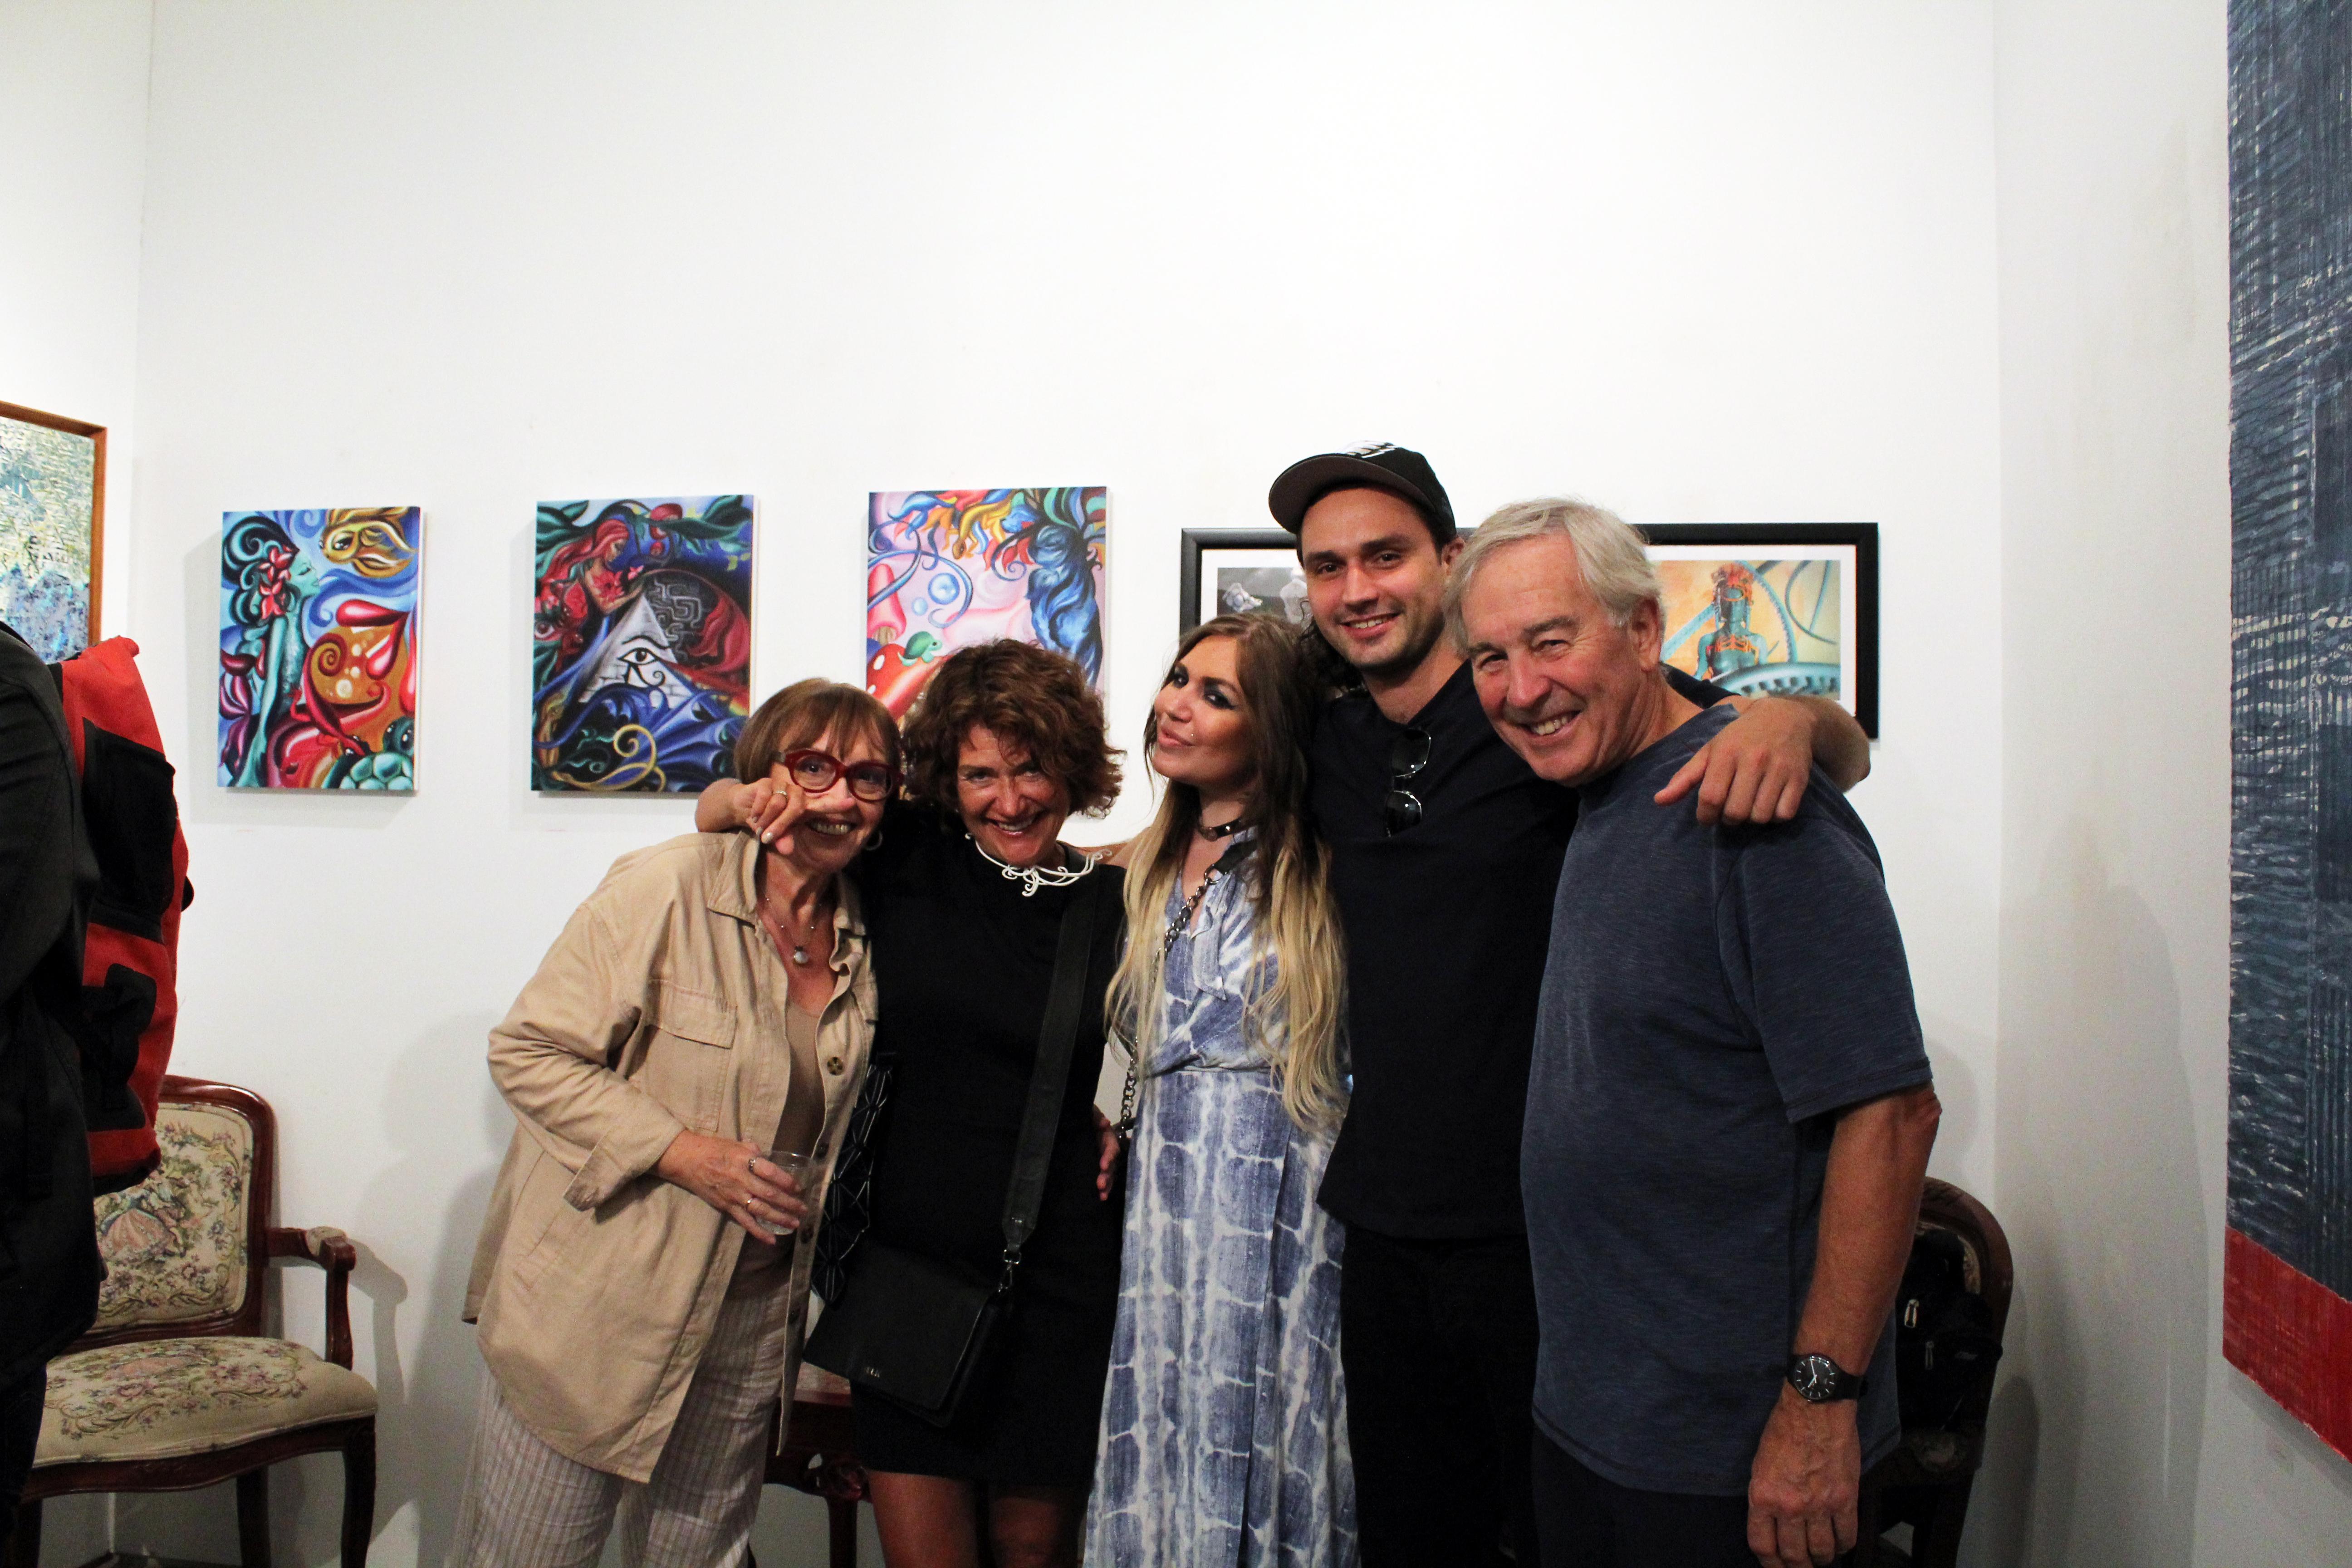 Ashley Morgan and guests